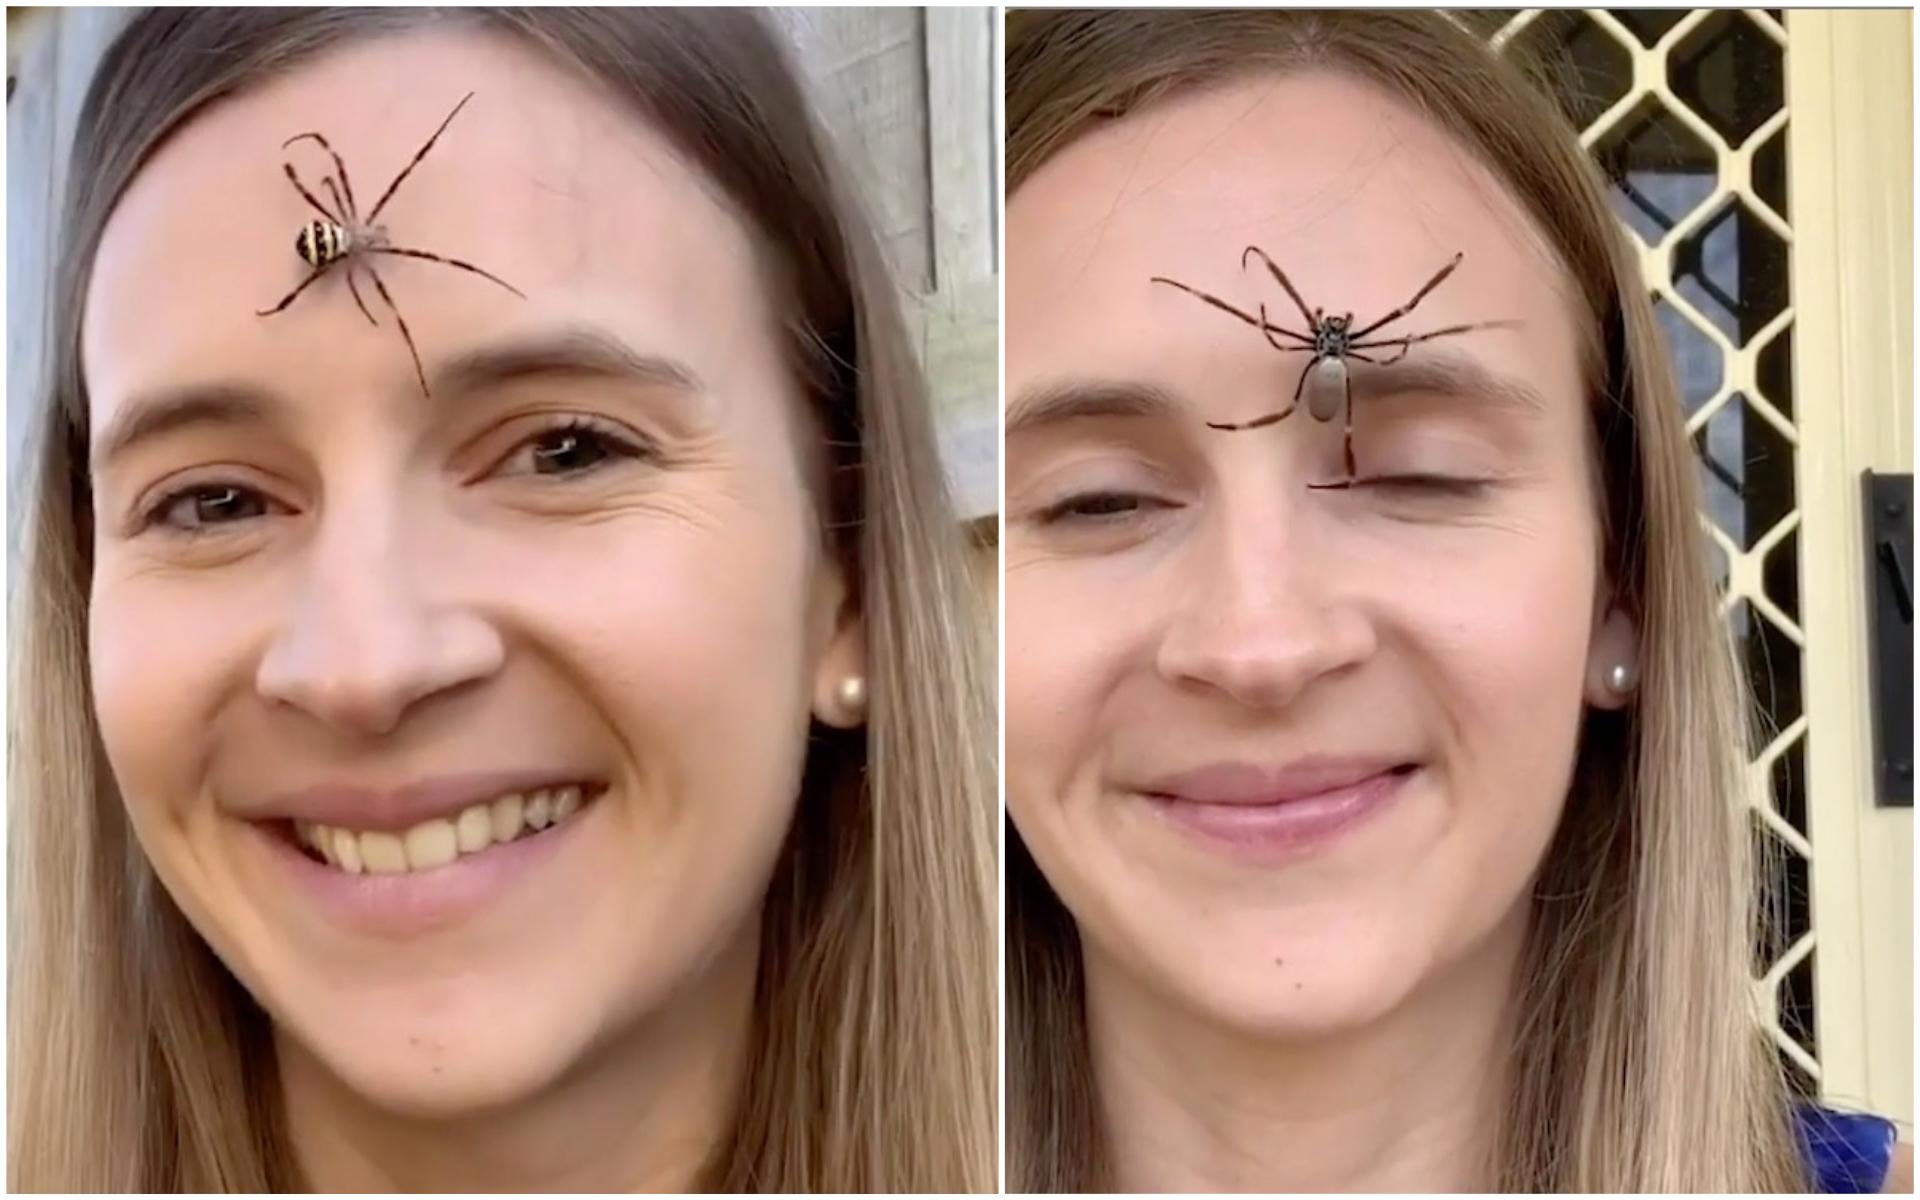 Victime de stress quotidien : cette femme se met des araignées sur le visage pour le contrôler ! (vidéo)